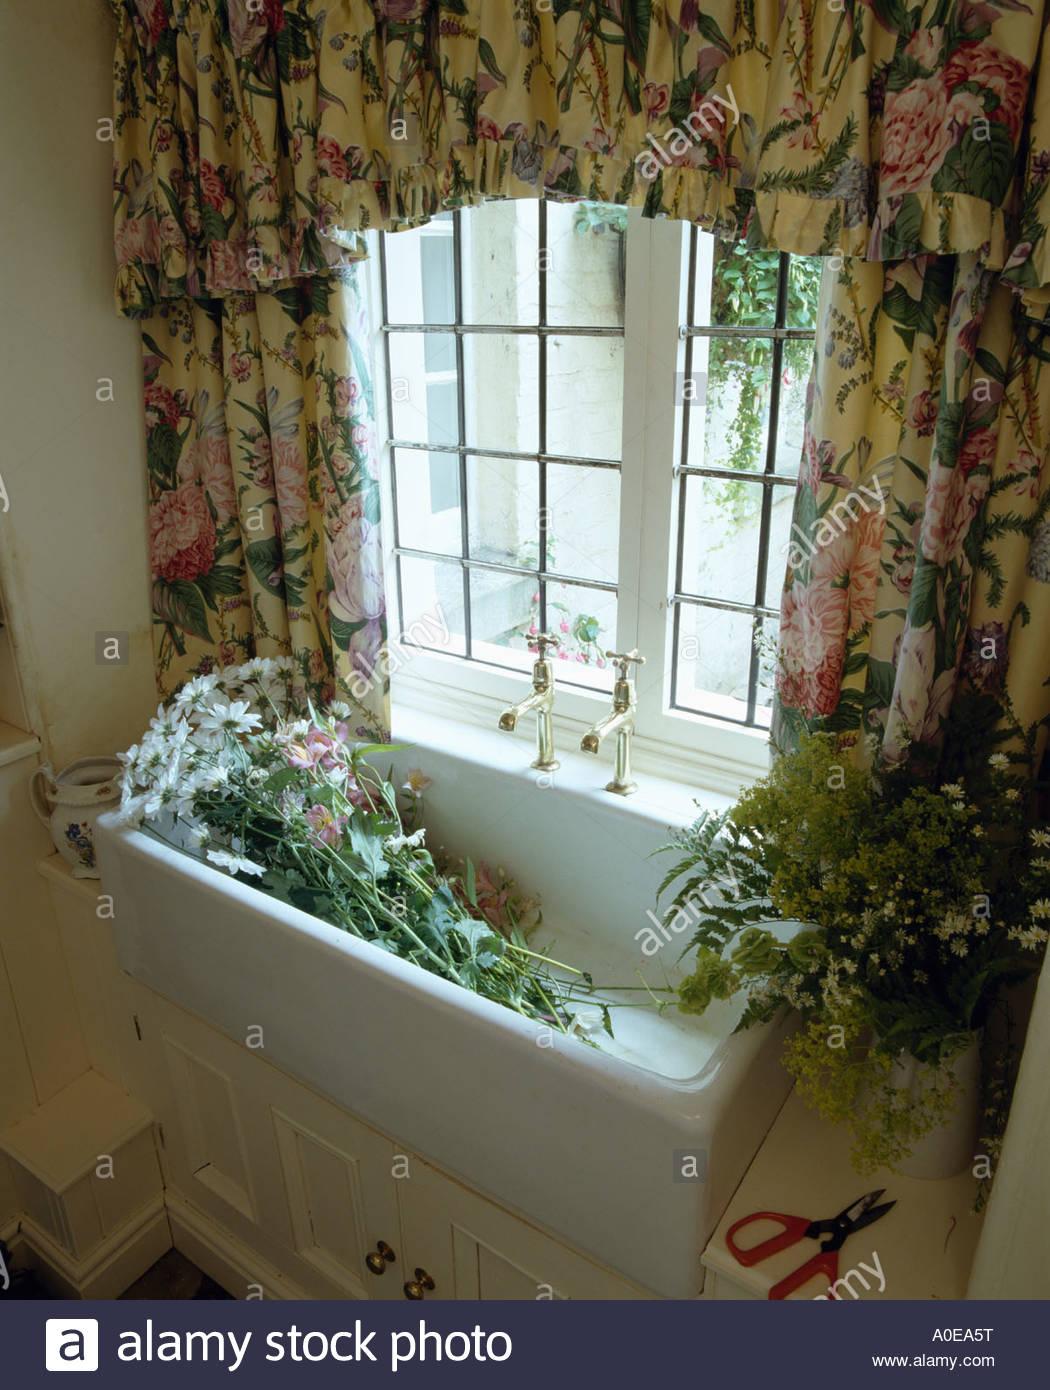 Full Size of Küchenfenster Gardine Blumen Im Waschbecken Unter Fenster Mit Floral Gardinen Stockfoto Scheibengardinen Küche Für Schlafzimmer Wohnzimmer Die Wohnzimmer Küchenfenster Gardine